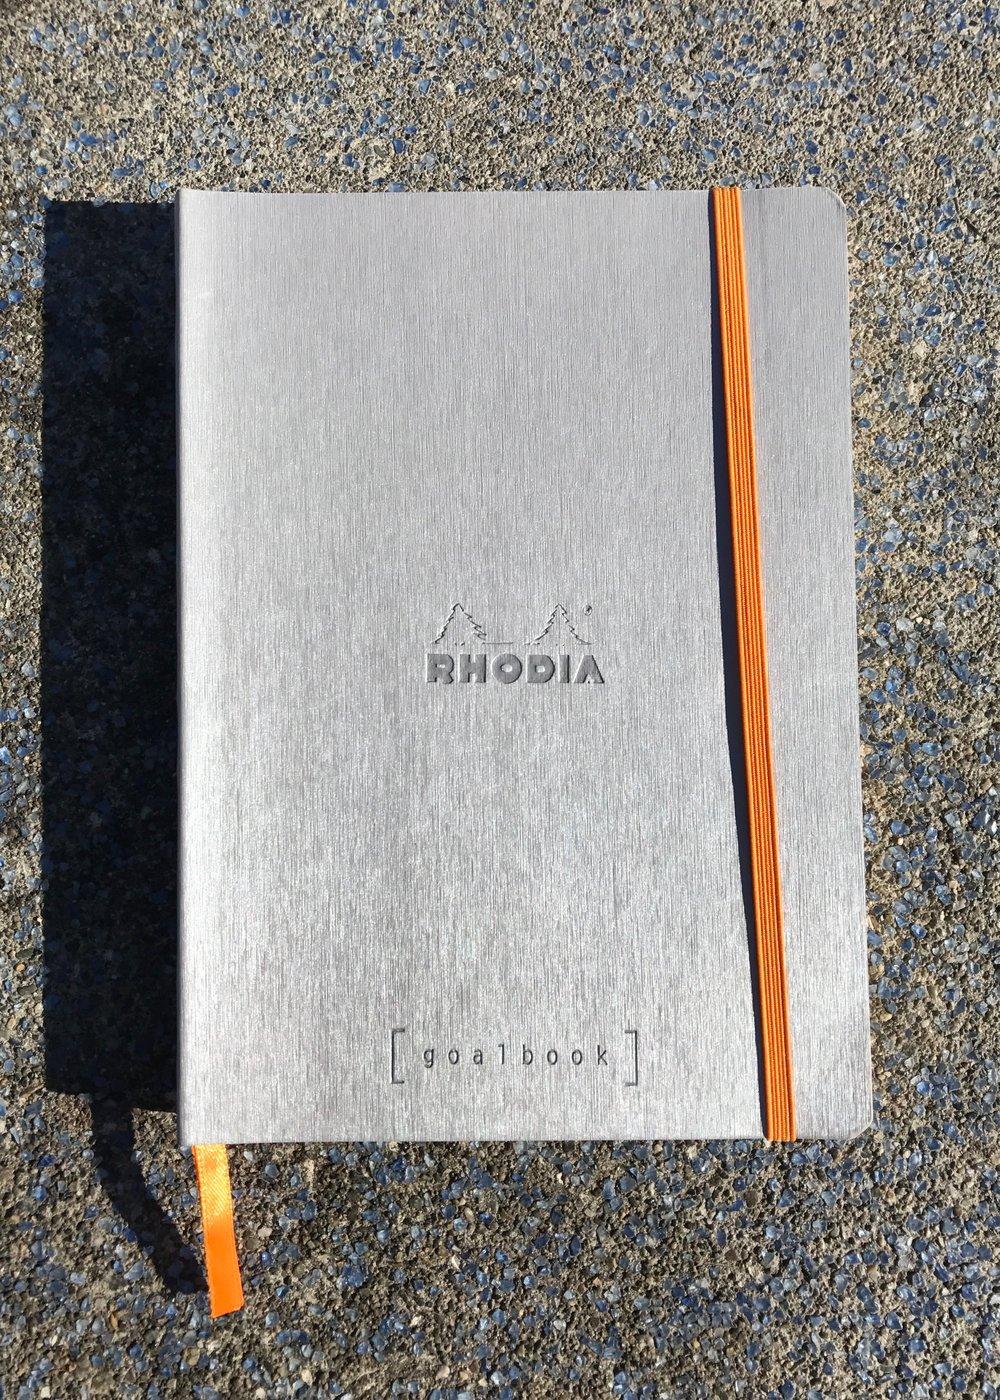 RhodiaGoalbook2 - 2.jpg